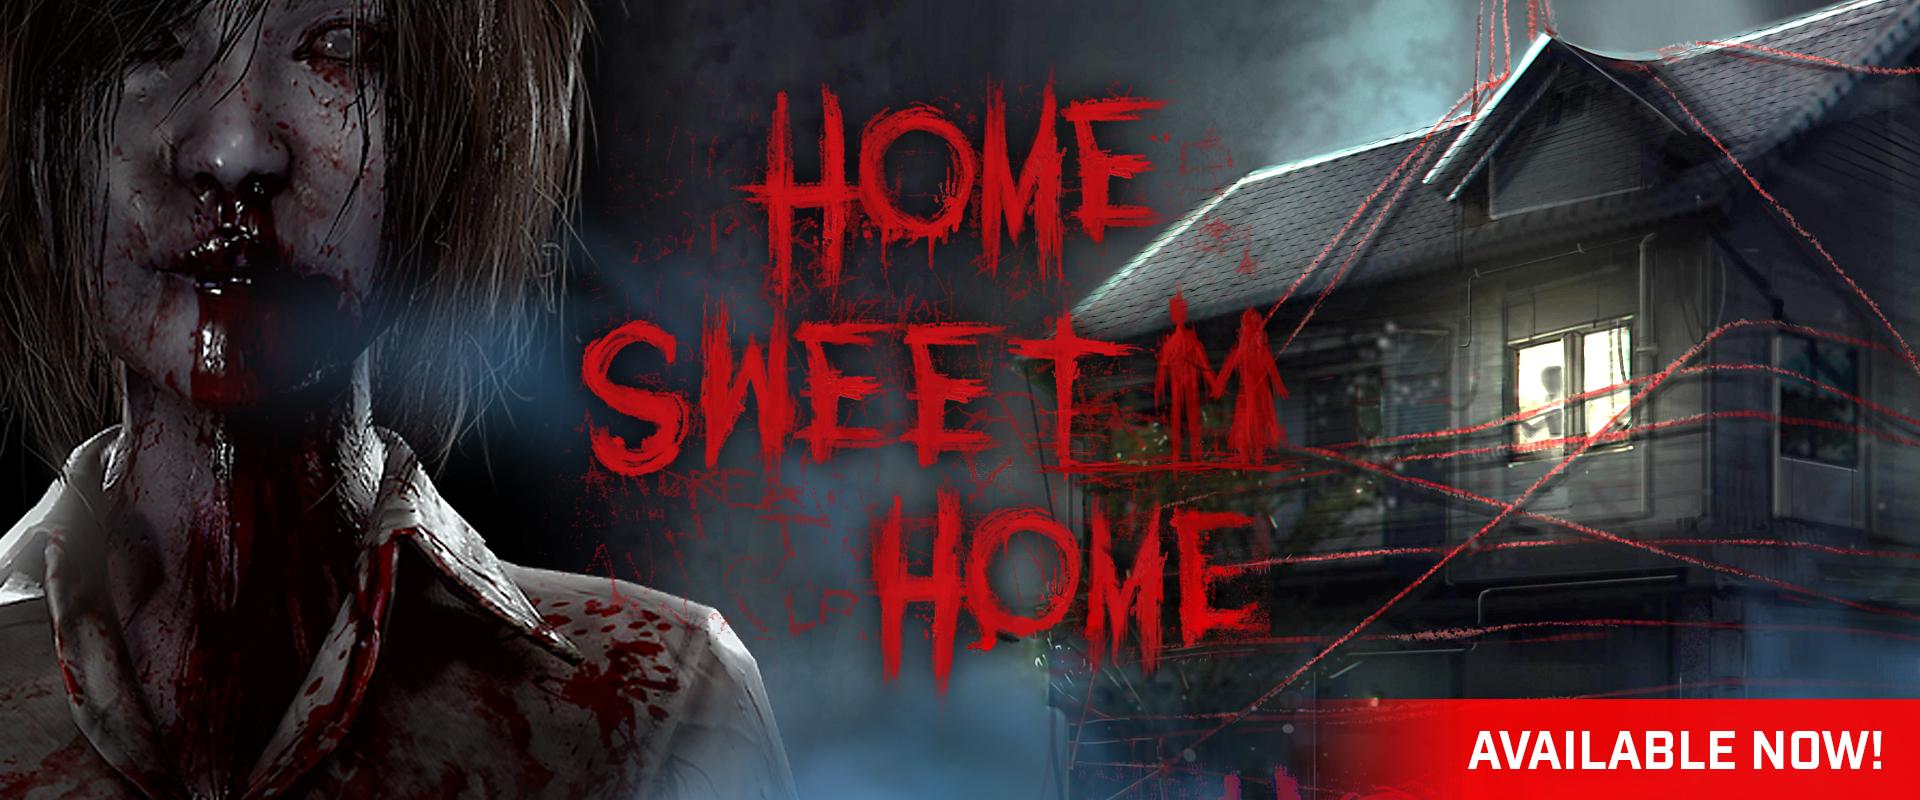 Home Sweet Home Ps4 1920x800 Wallpaper Teahub Io